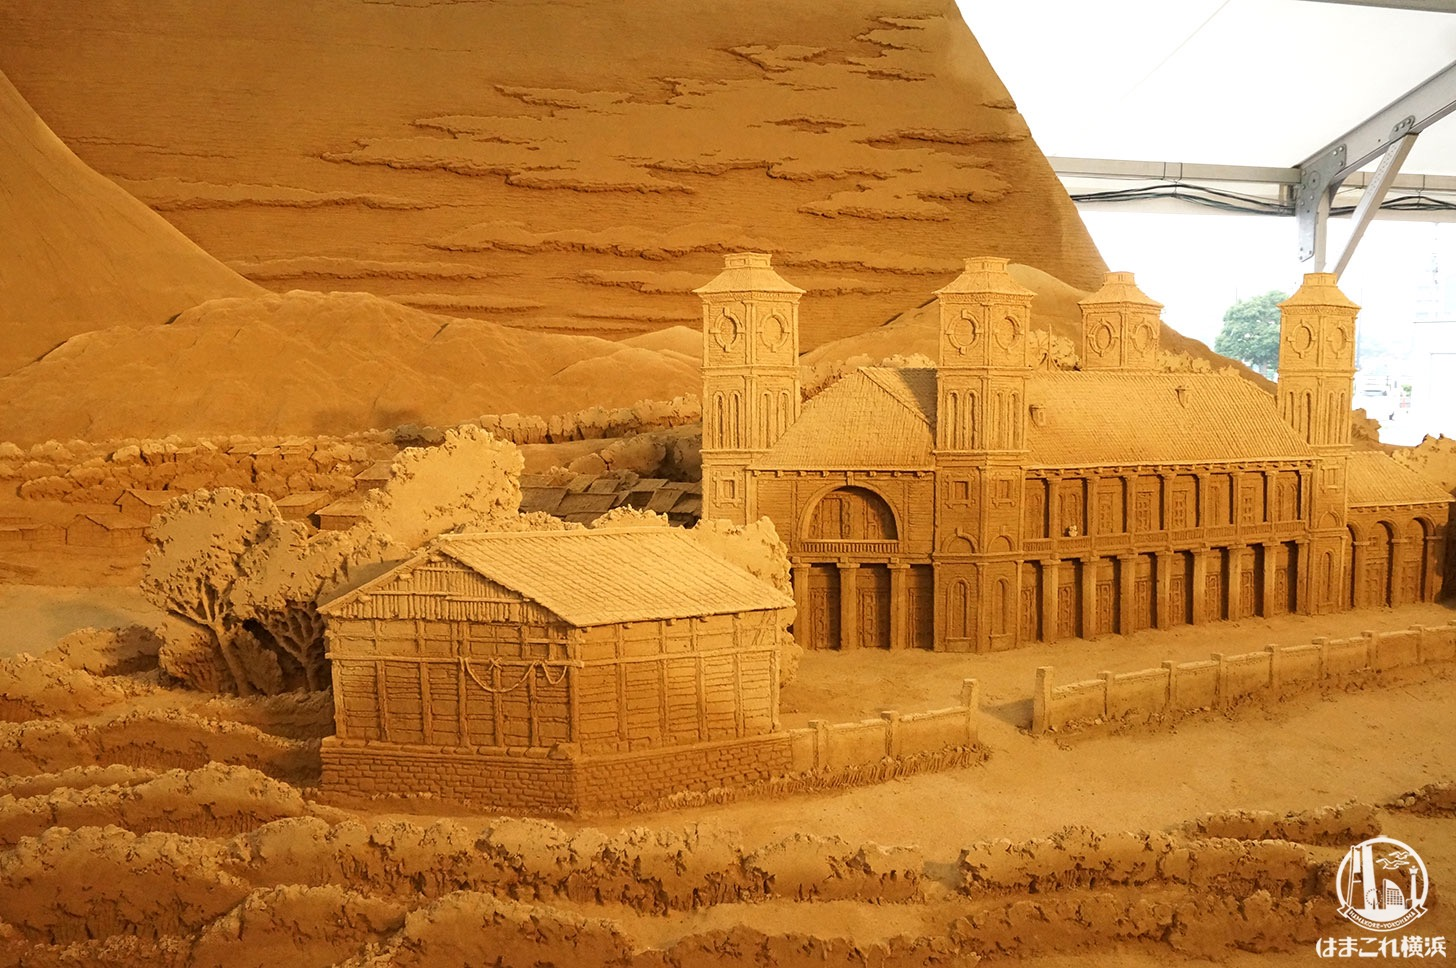 ヨコハマ砂の美術館 砂の彫刻 富士山